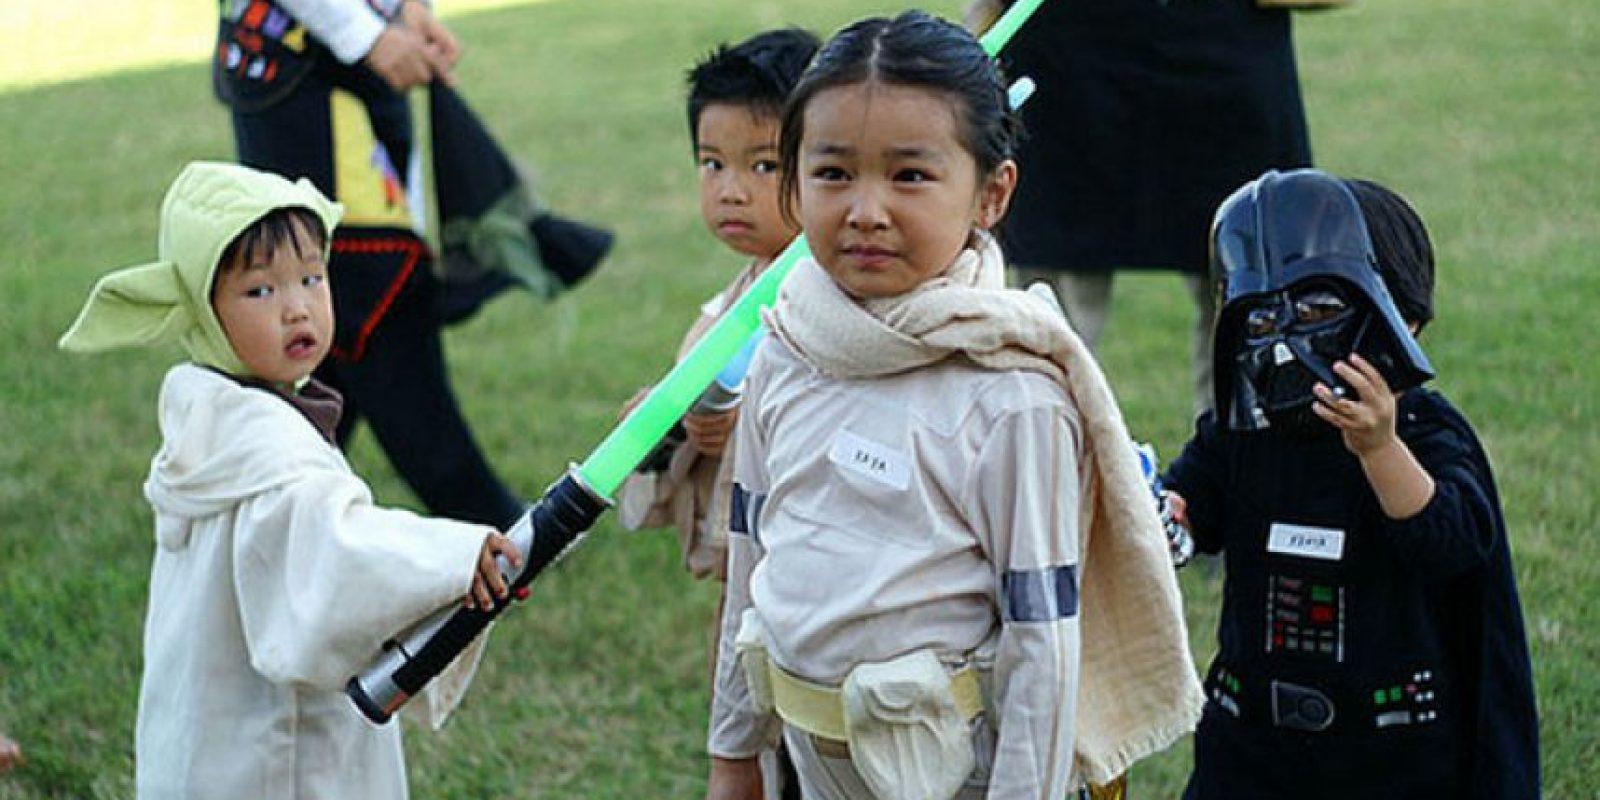 Una joven padawan dispuesta a luchar. Foto:vía Flickr/Barron